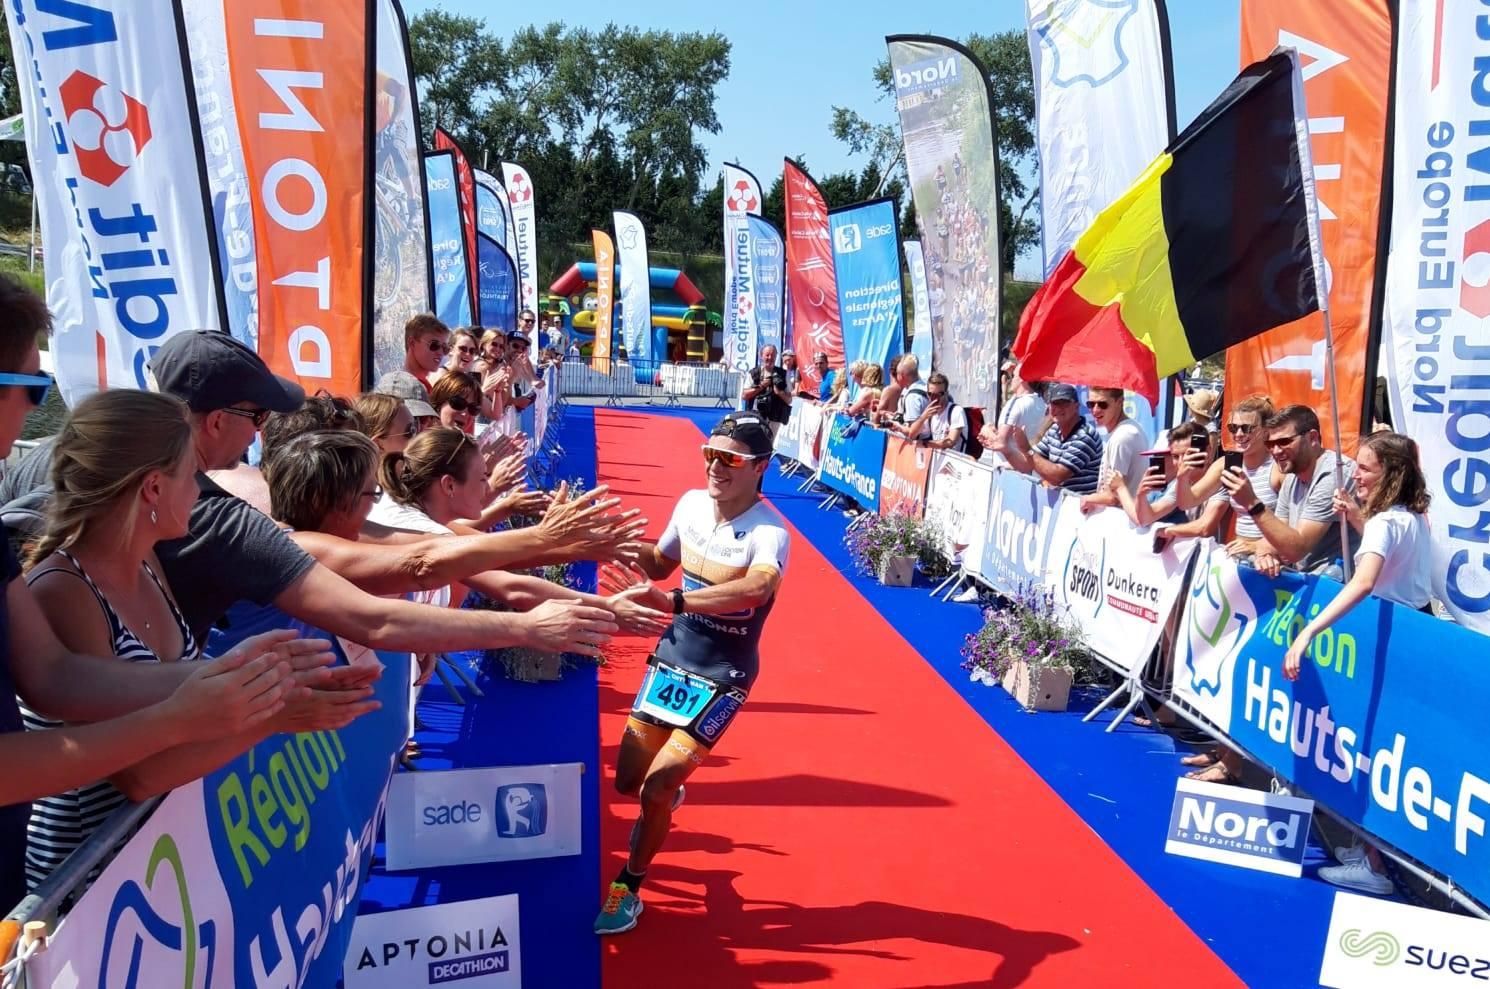 Arne Devliegher wint de 113 Chtriman (foto: Julie Van Kerrebroeck)